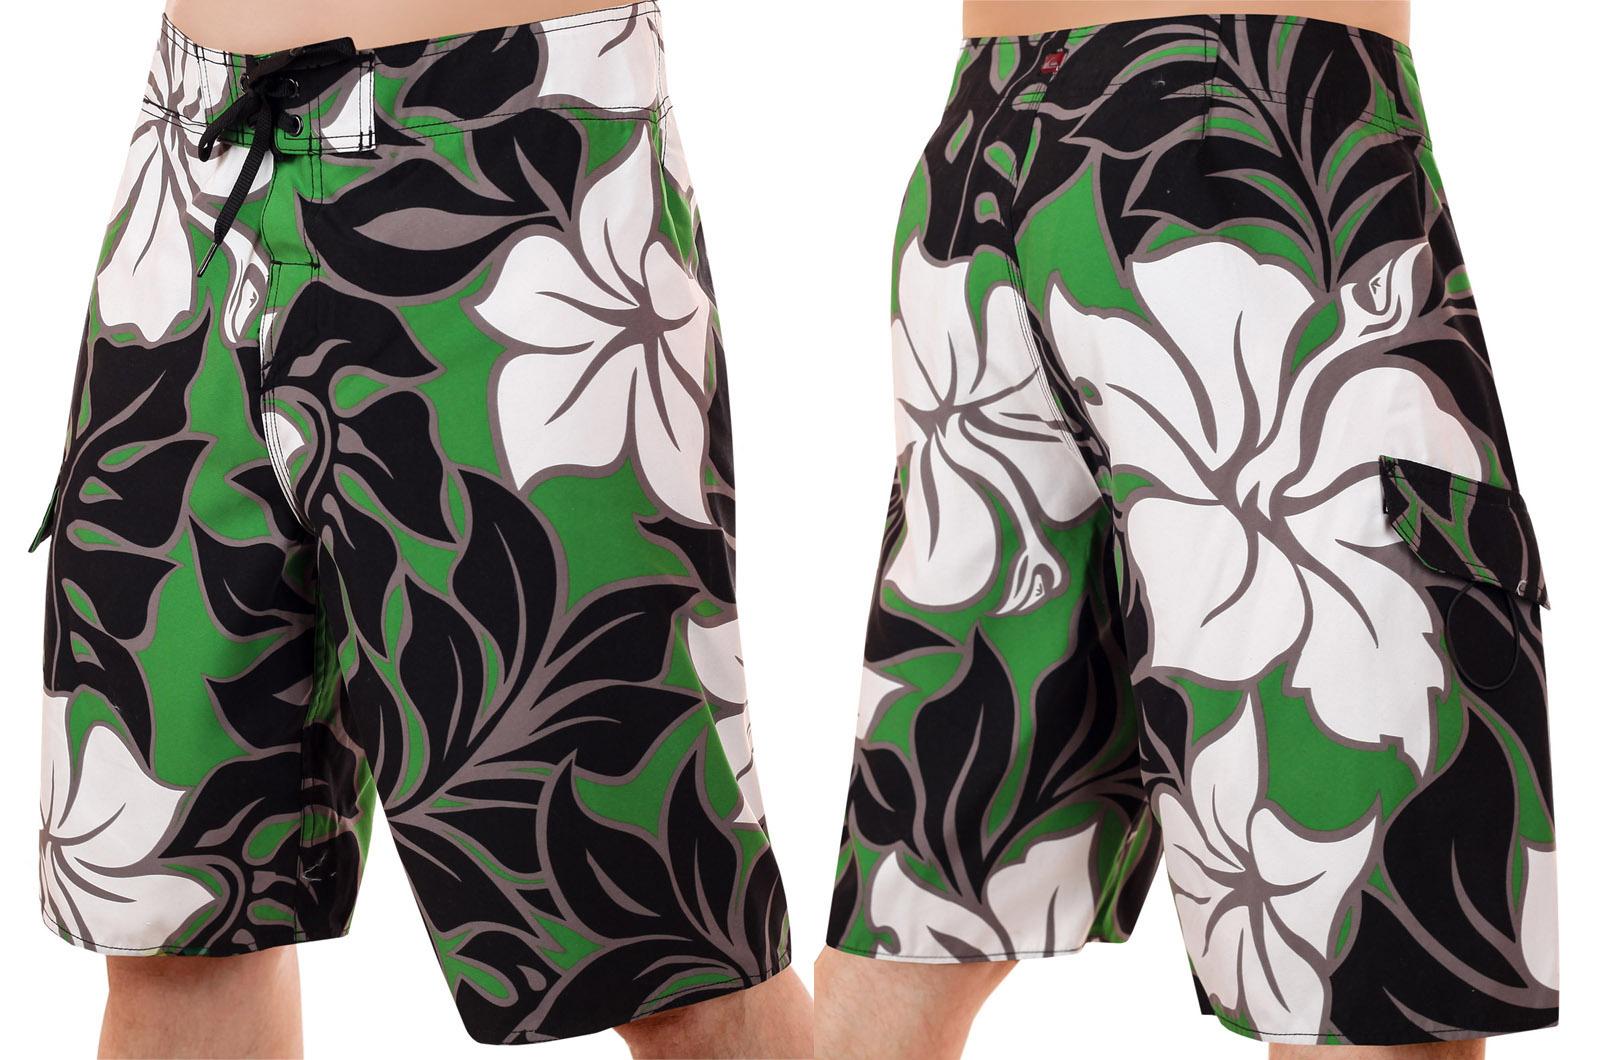 Недорогие пляжные бордшорты – надоедливые липучки заменены нейлоновыми шнурками. Снимай, надевай еще быстрее!